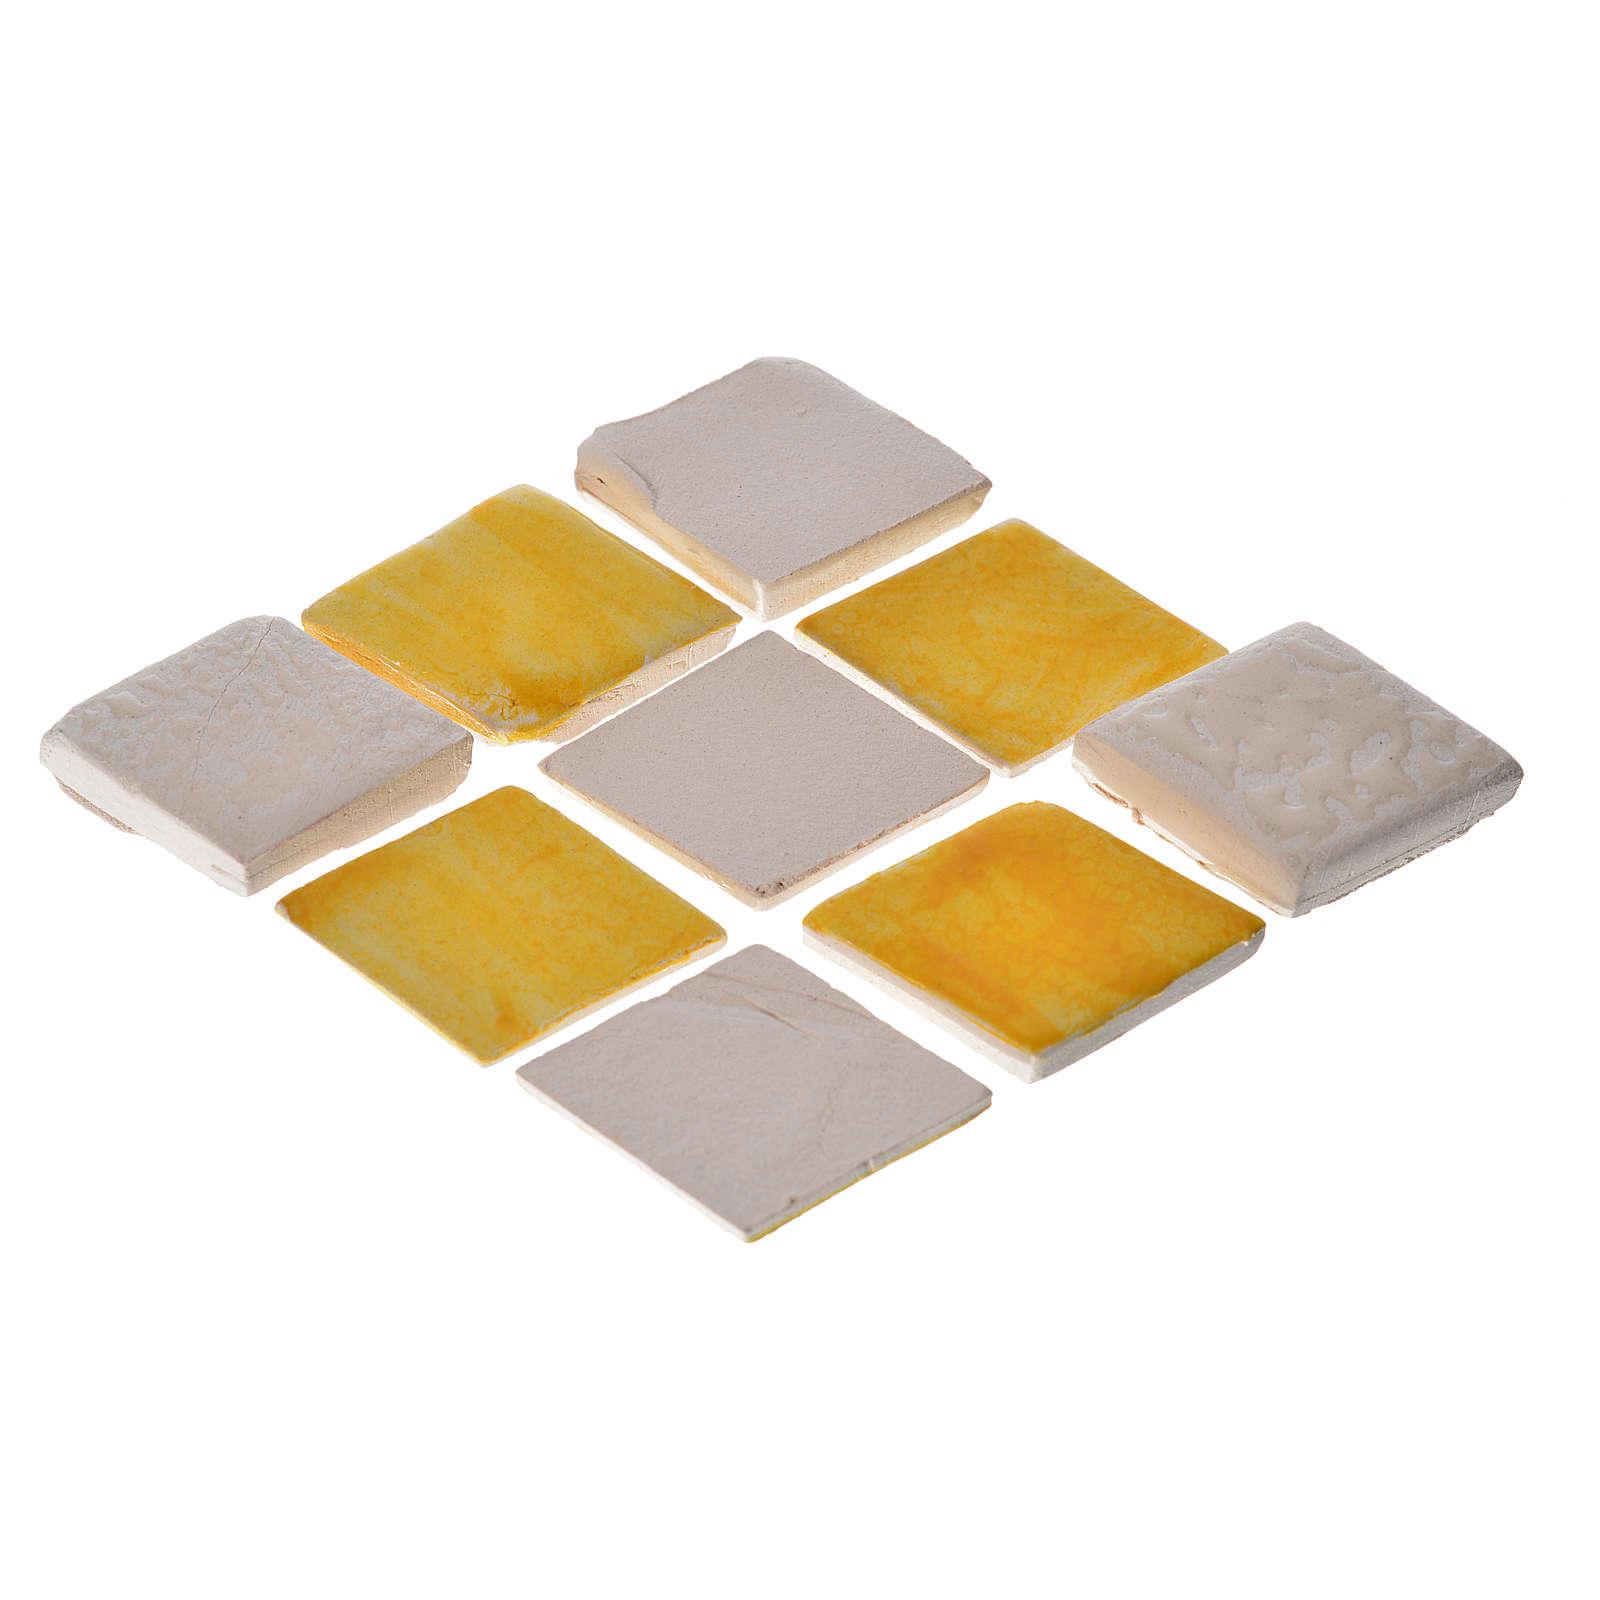 Carrelages mini-rhombes crèche 60 pcs terre cuite émaillée jaune 4